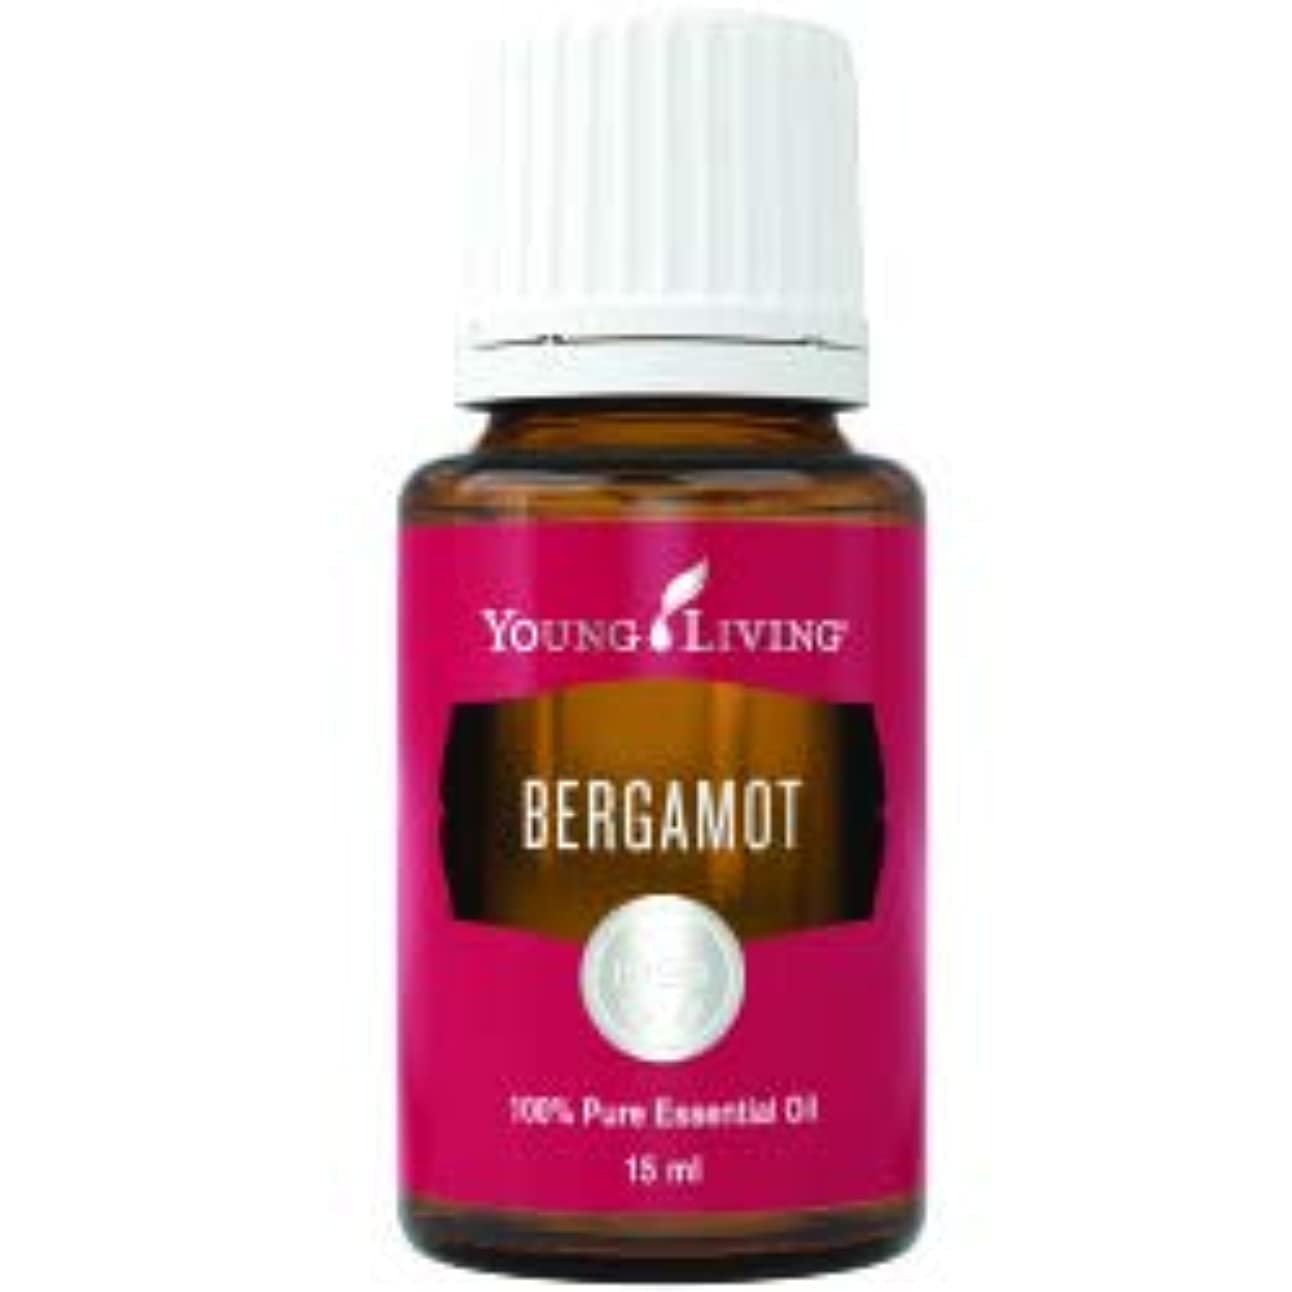 日最小持ってるヤングリビングマレーシアのベルガモットエッセンシャルオイル15 ml Bergamot Essential Oil 15 ml by Young Living Malaysia